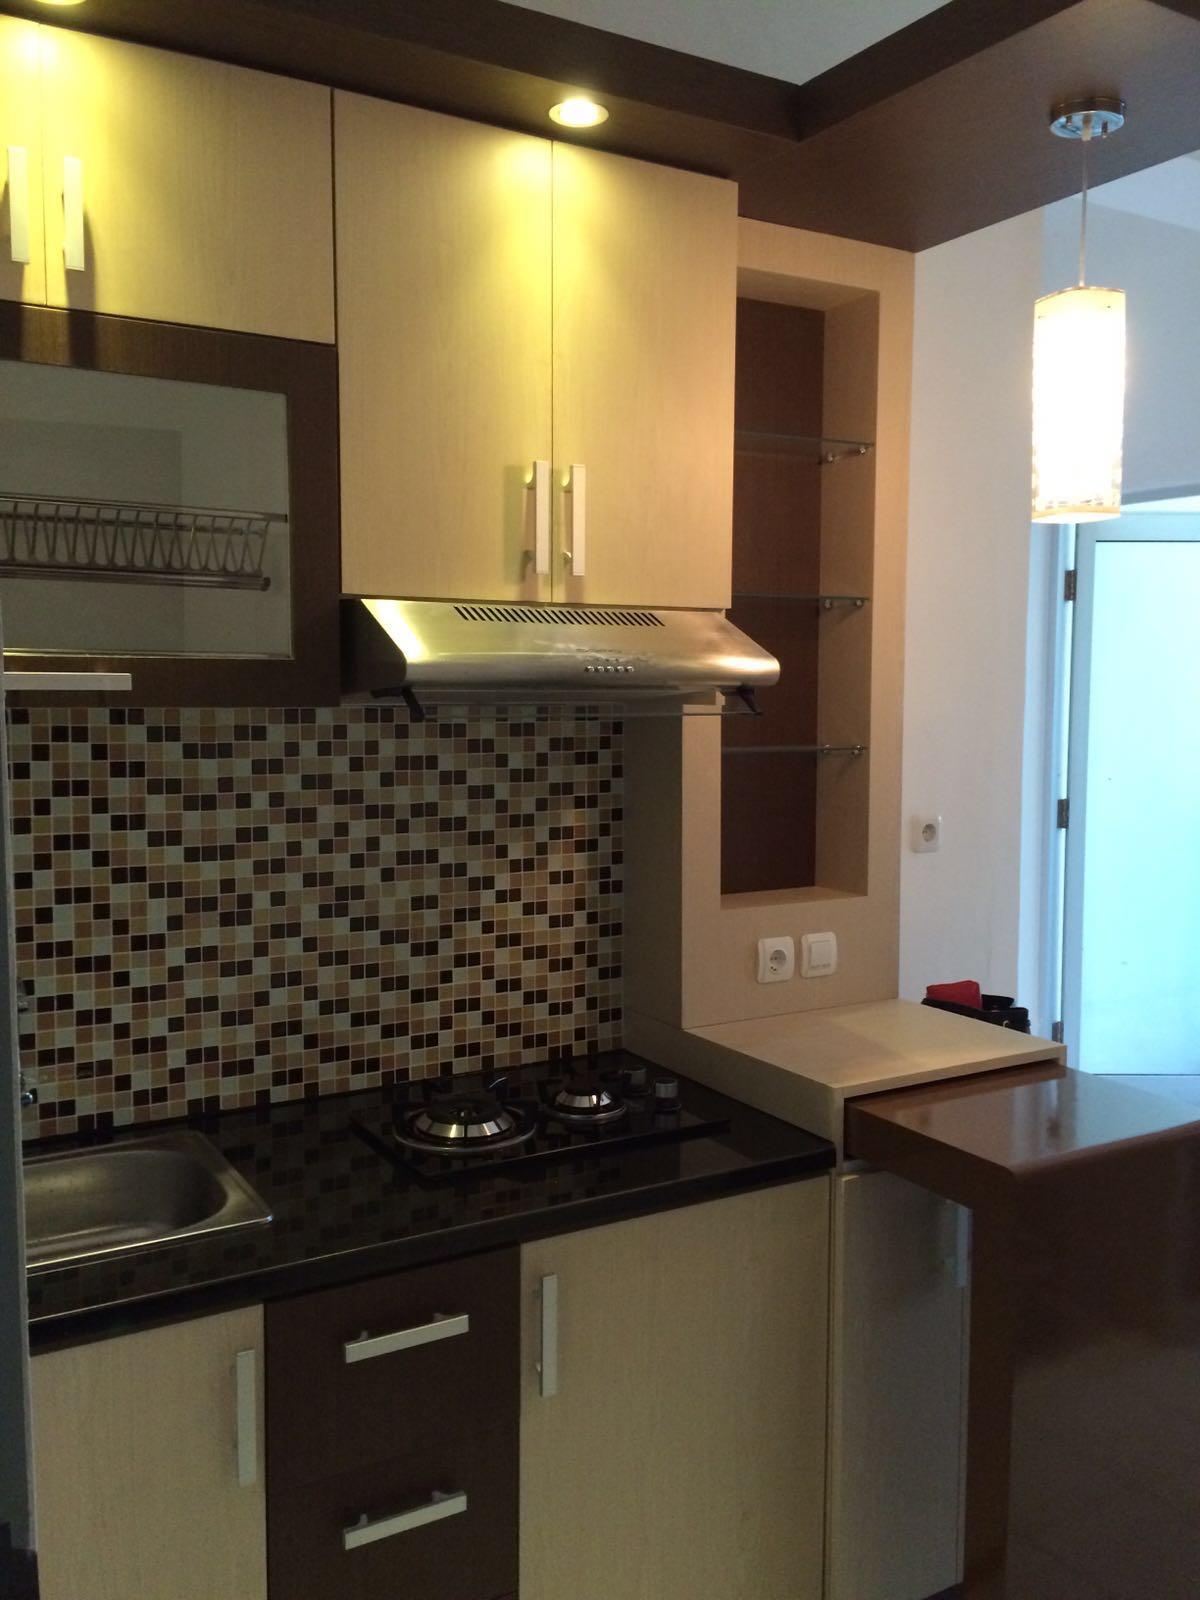 Cv tridaya interior desain interior apartemen type for Kitchen set apartemen